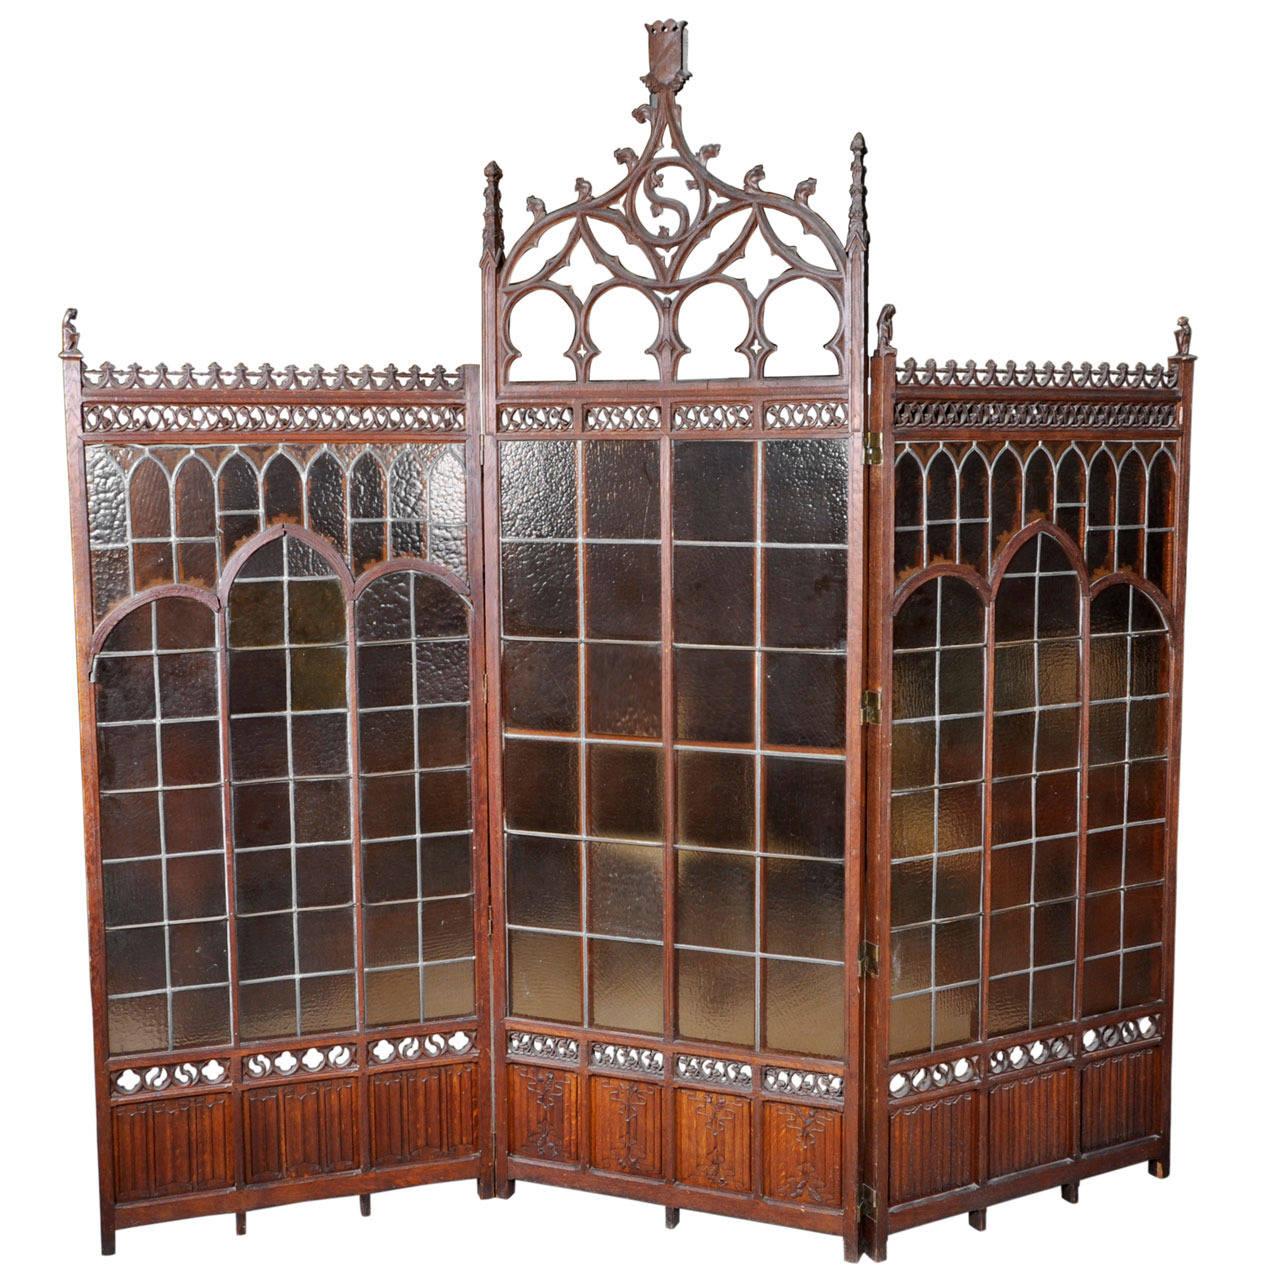 Gothic Style Decor neo-gothic style oakwood screen with gargoyles decor, 19th century